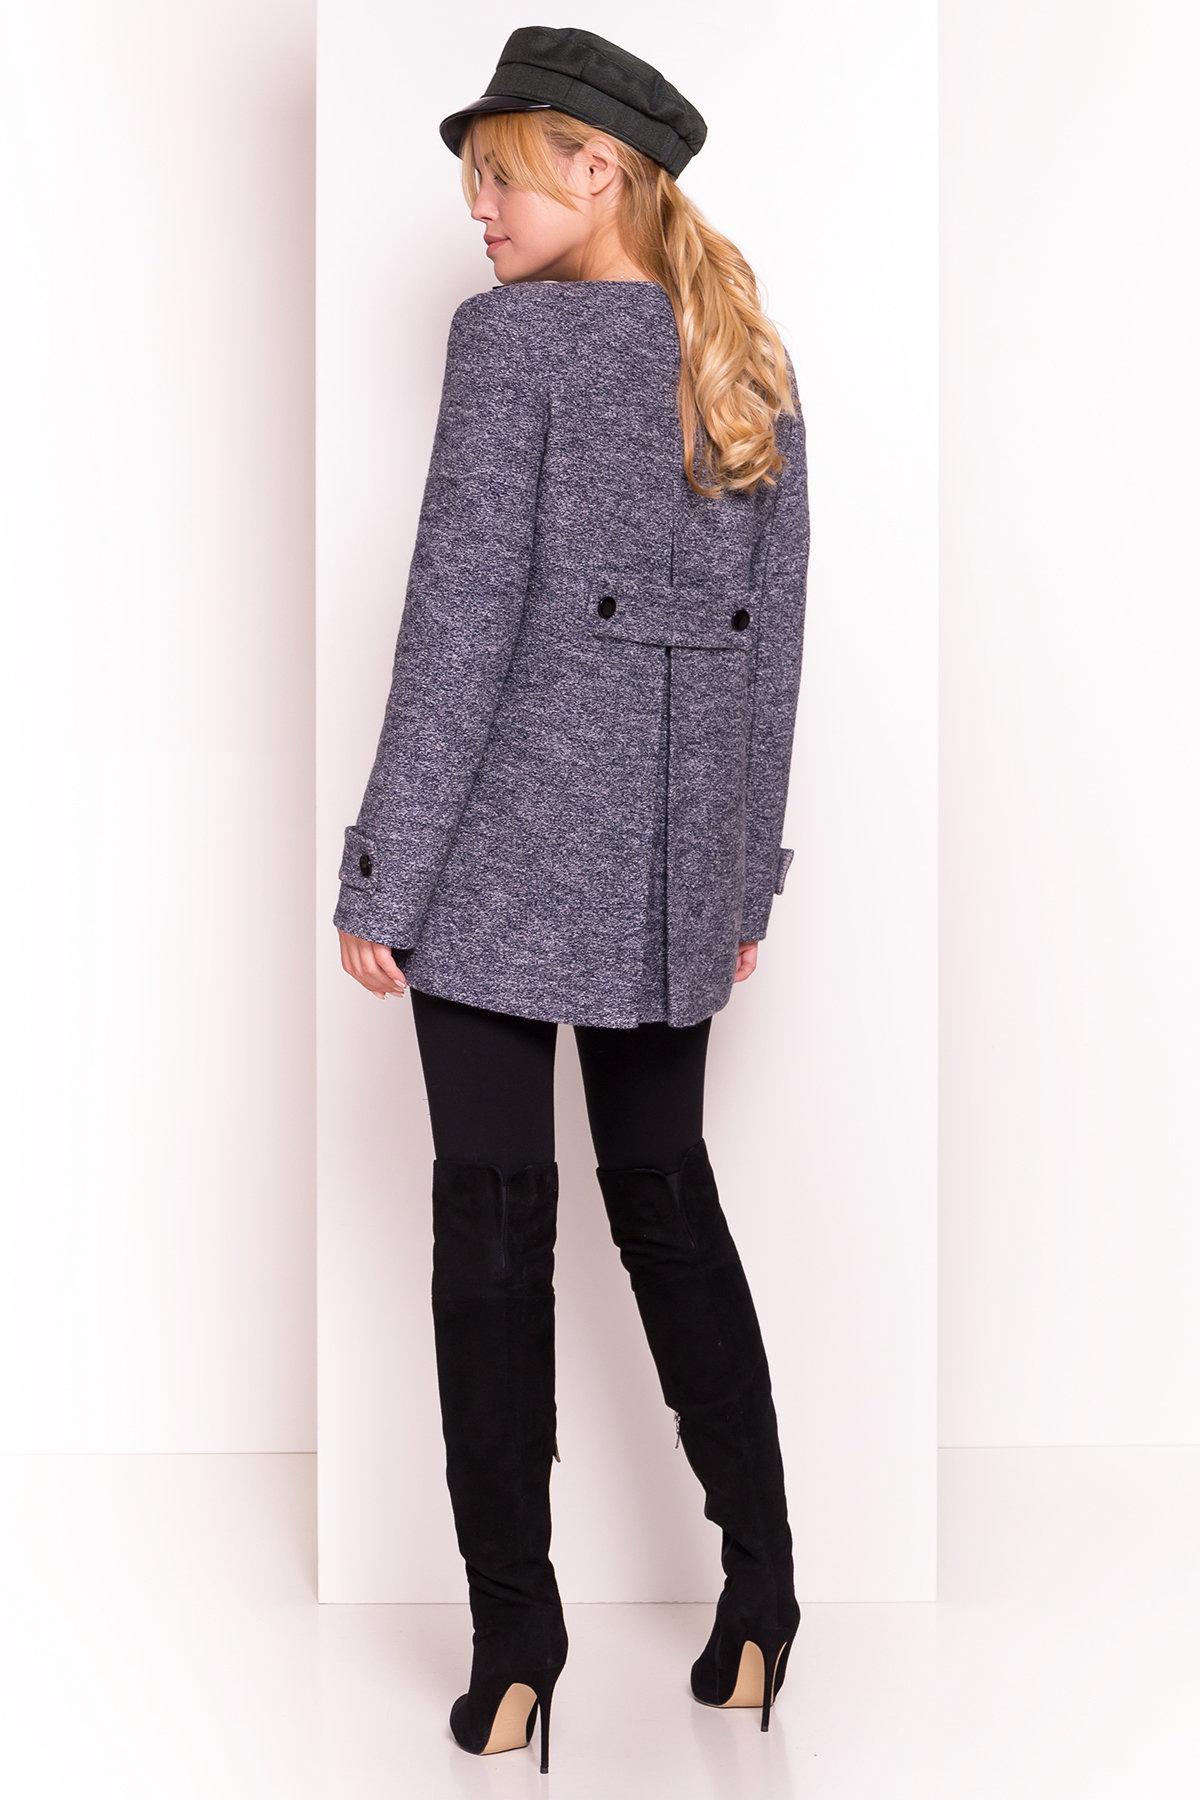 Пальто Латта 5328 АРТ. 36539 Цвет: Серый темный LW-22 - фото 5, интернет магазин tm-modus.ru